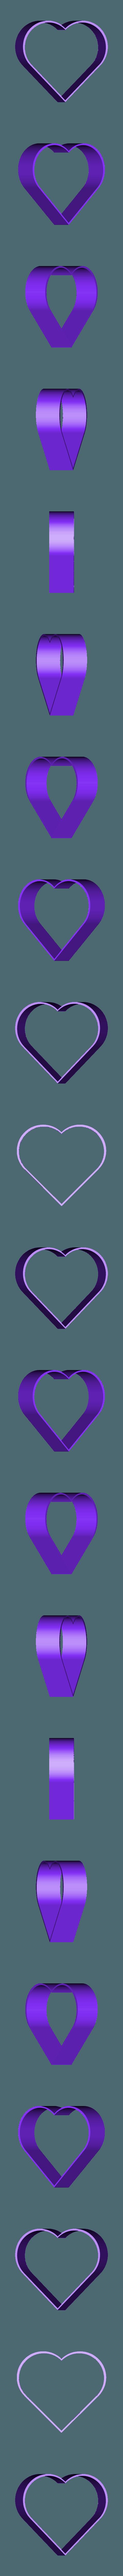 coeur.obj Download free OBJ file heart-tile-clover-pique • 3D printer object, nitrog